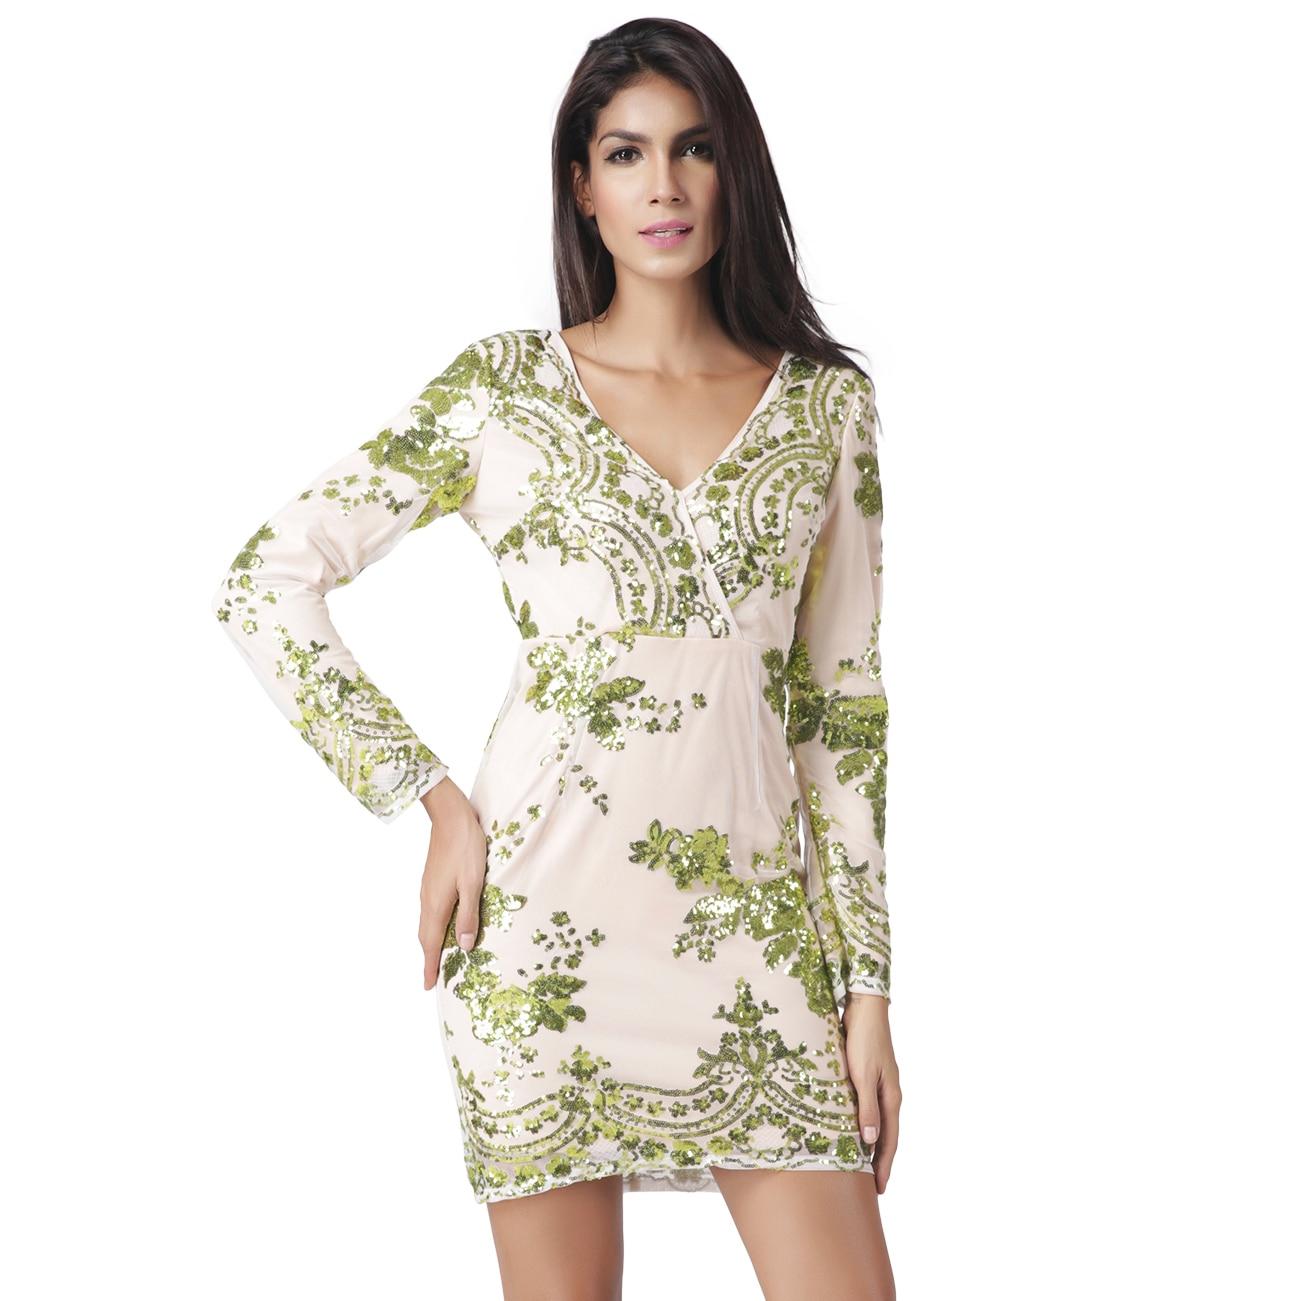 Sequin silk dress women 2017 new green shining long sleeve for Long sleeve silk shirt dress